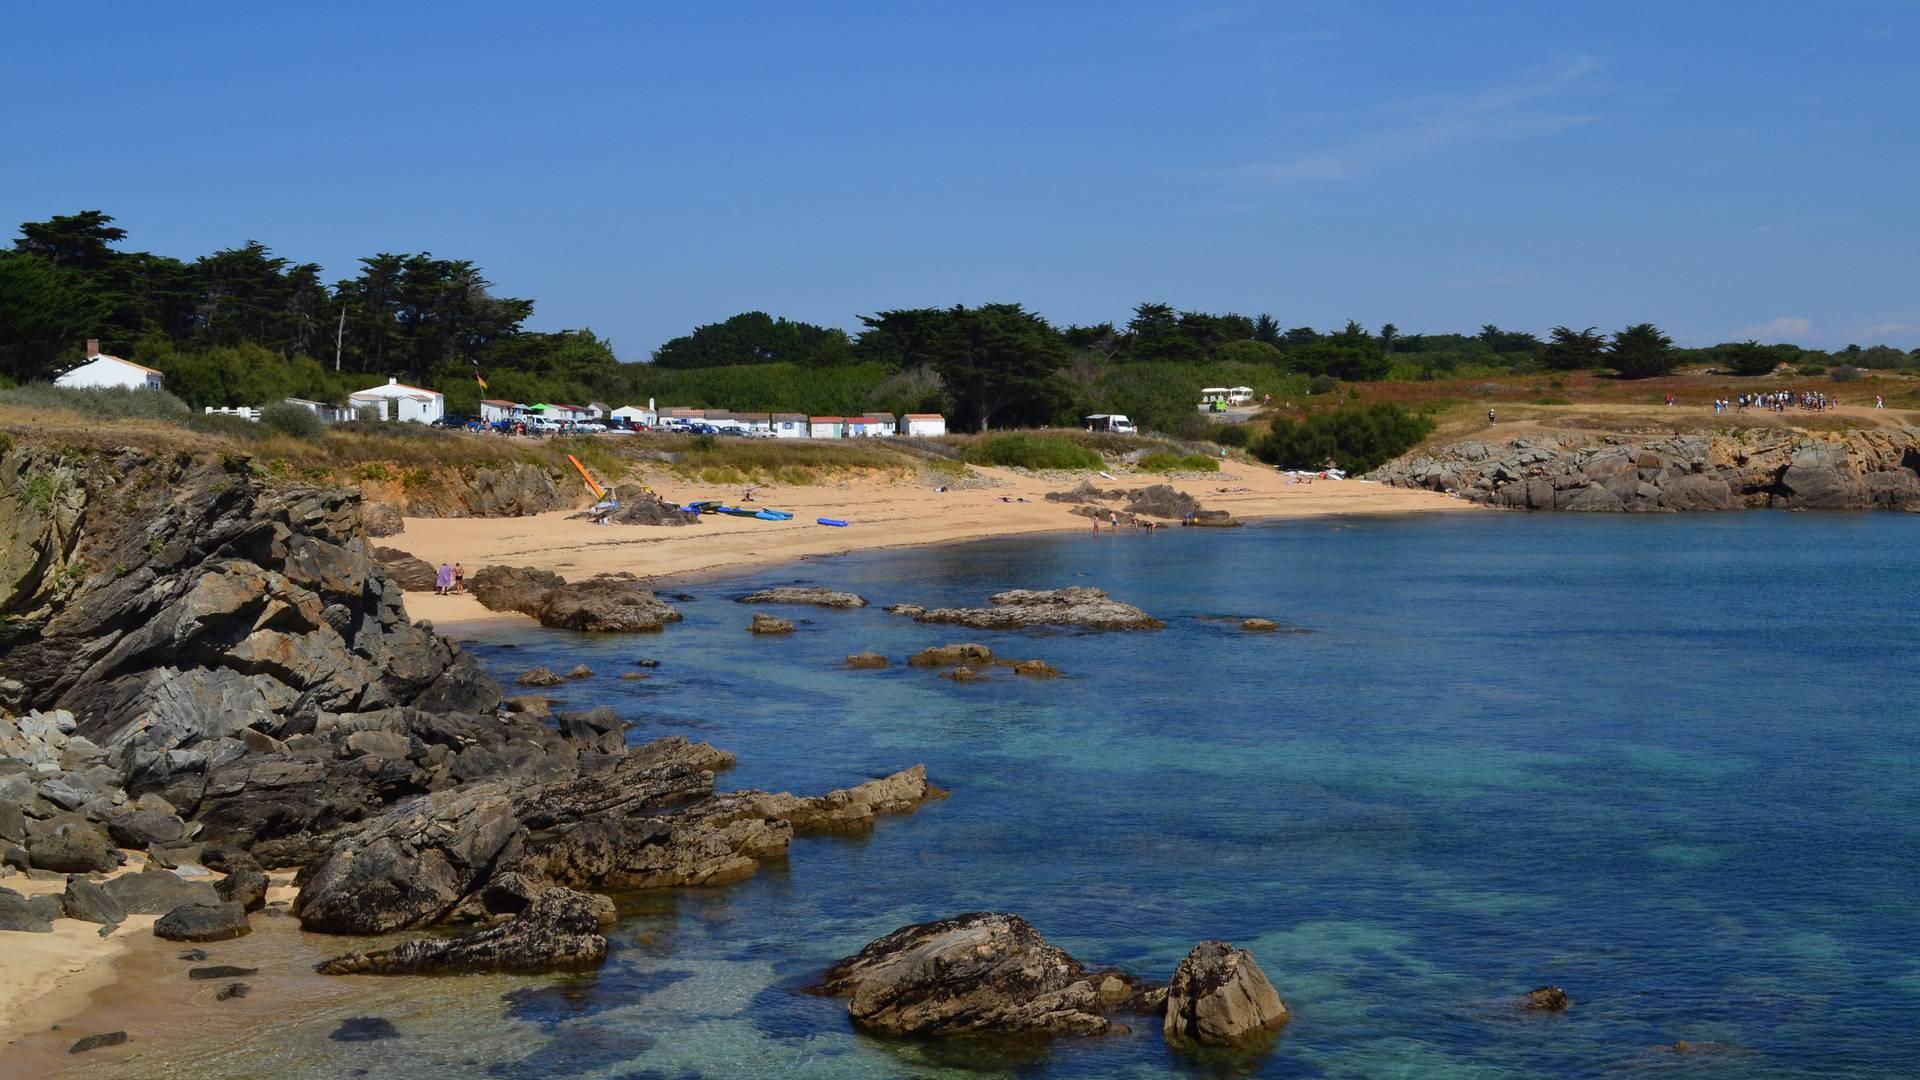 Les Sabias beach, Ile d'Yeu